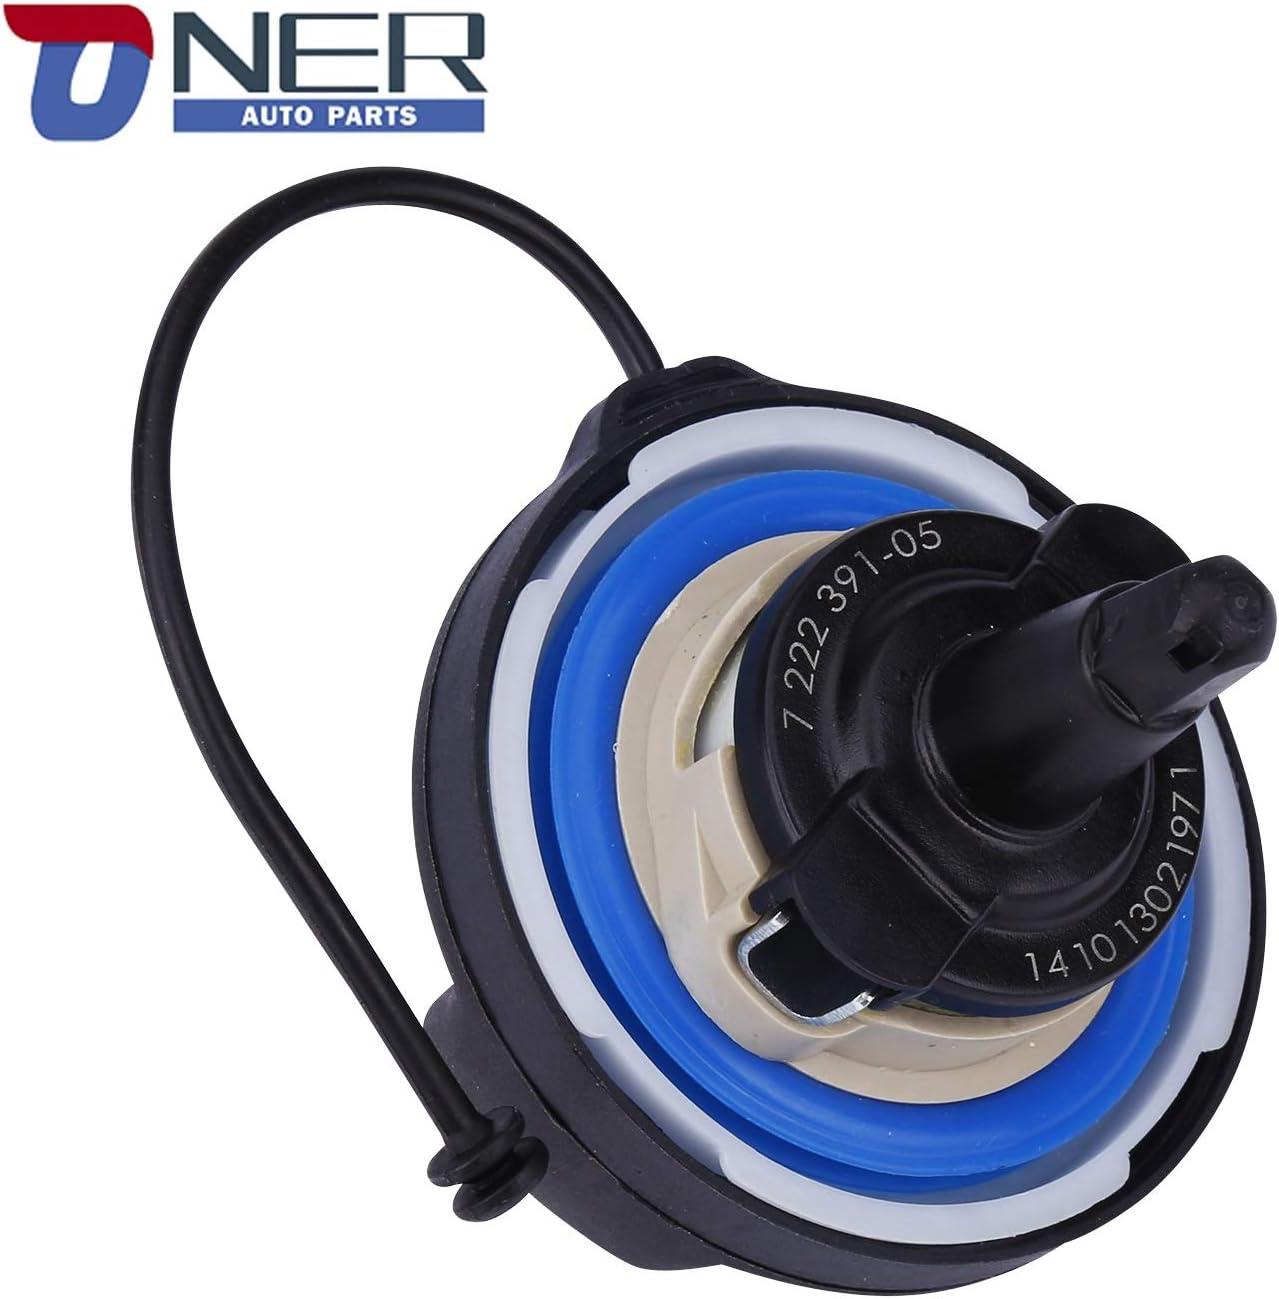 Fuel Tank Filler Cap,Gas Cap Compatible With BMW E39 E46 E60 E90 ...